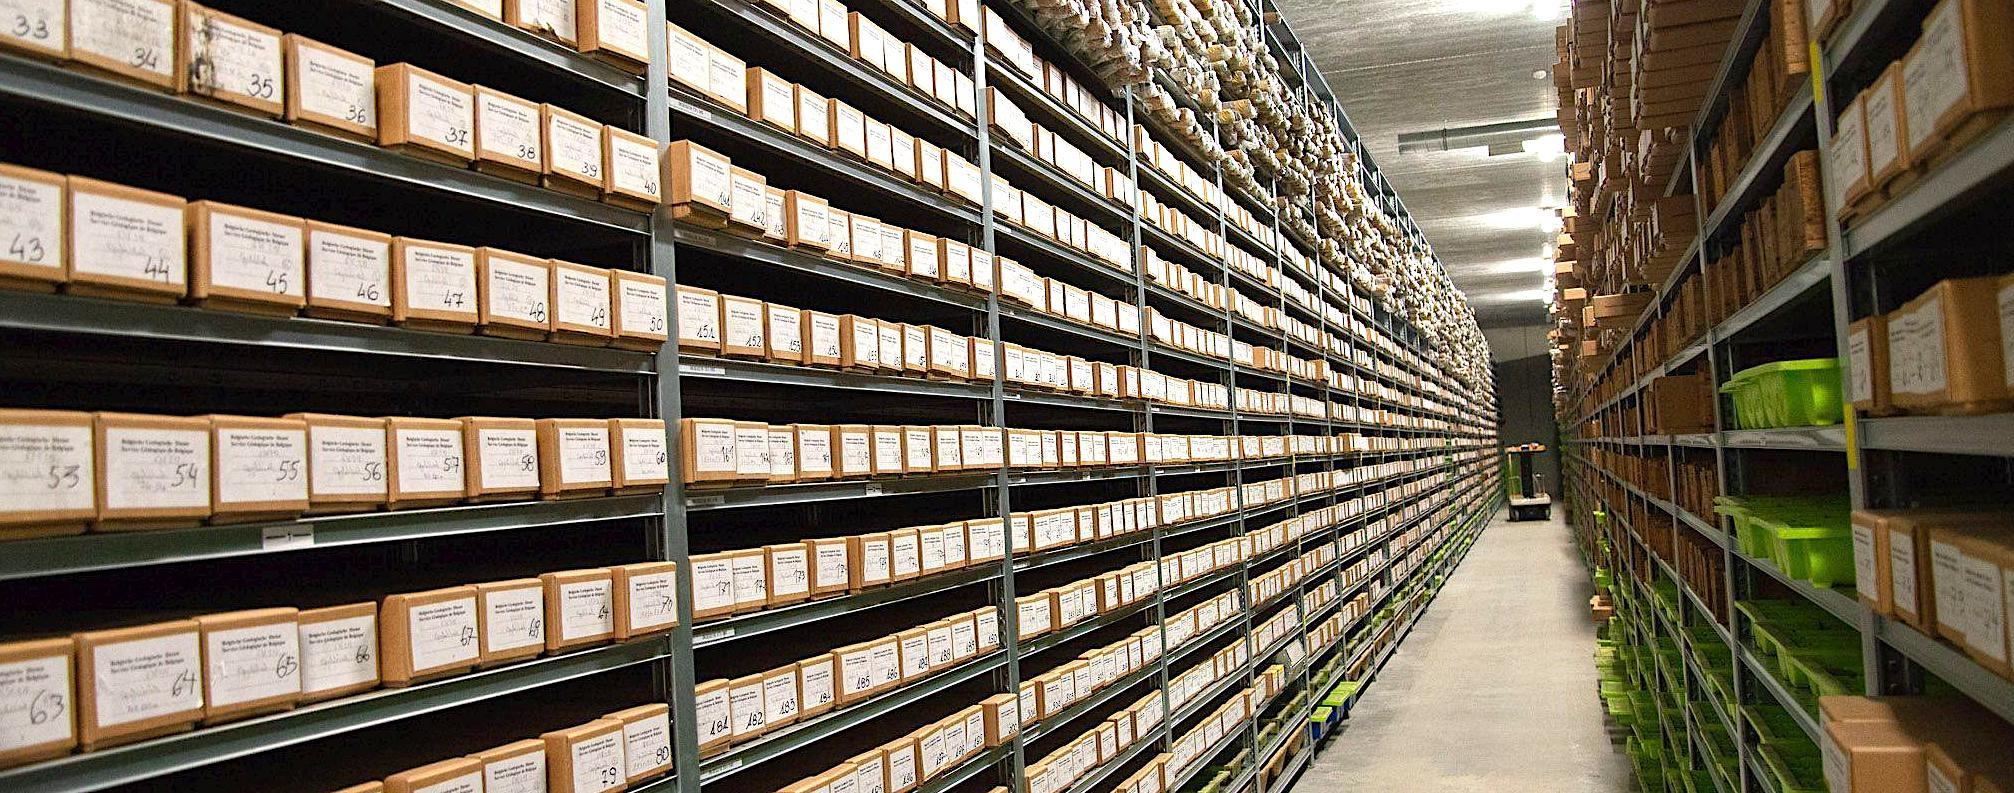 Collection de carottes géologiques belges, conservées à Péronnes-lez-Binche. © IRSNB